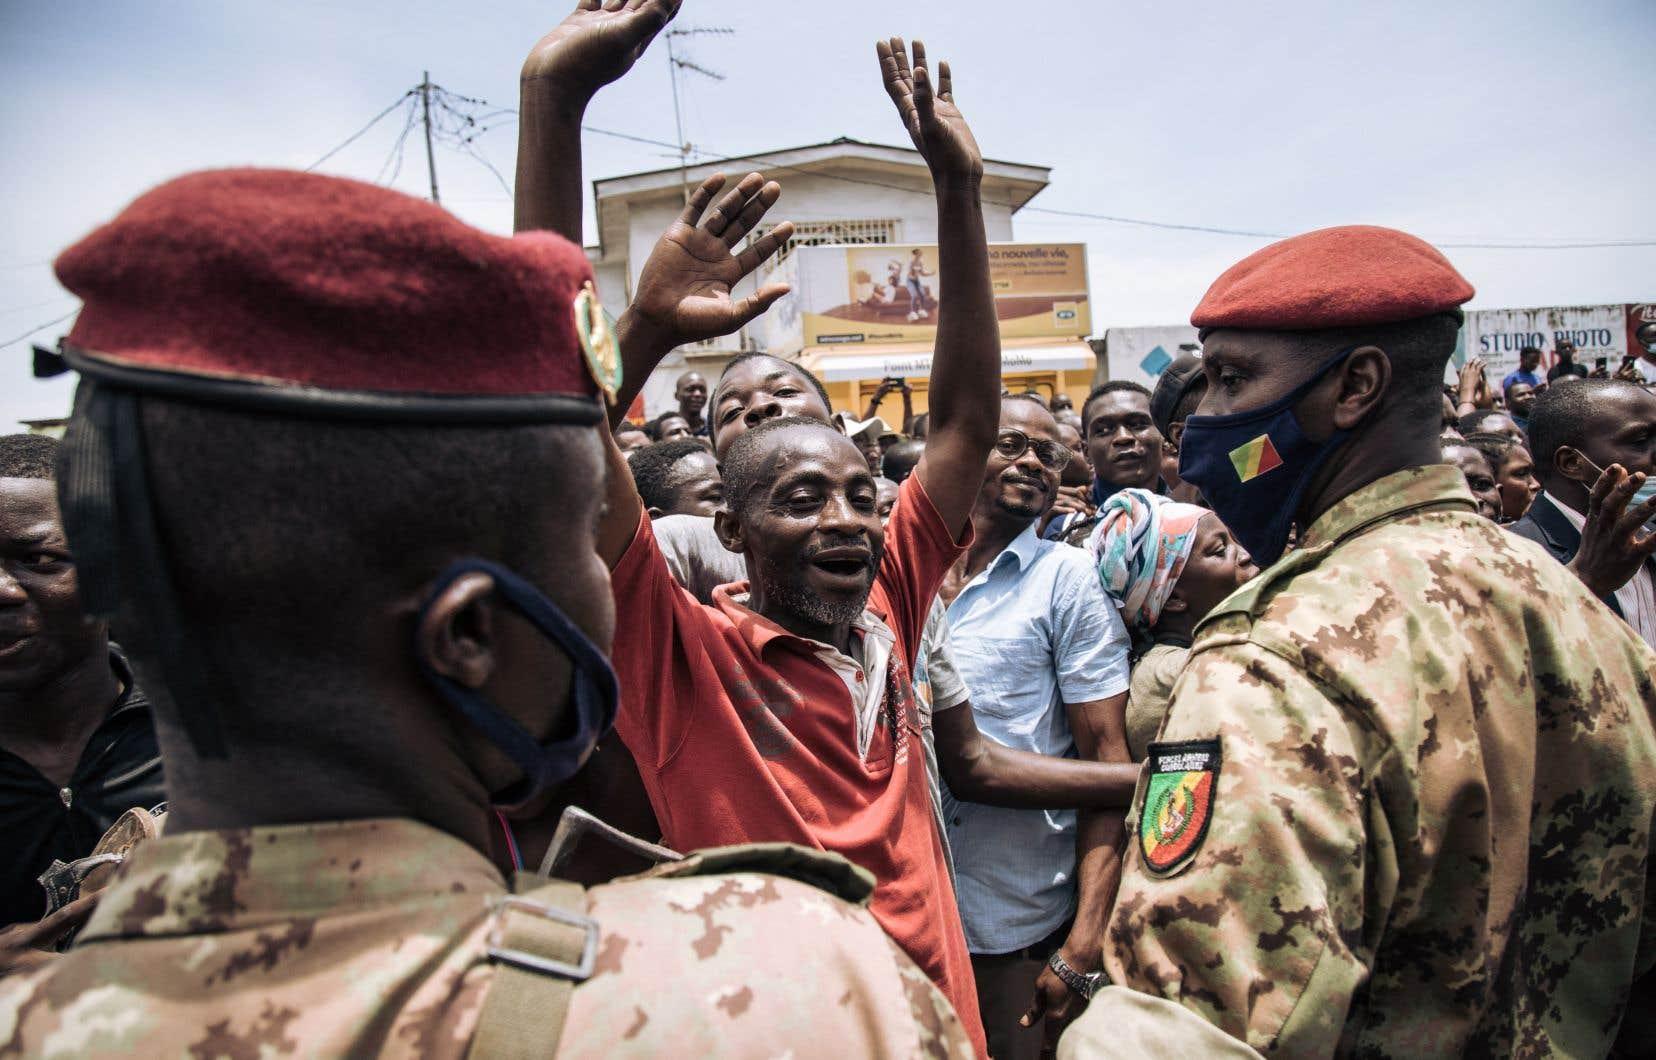 Militaires, gendarmes, policiers ou agents du renseignement en civil étaient en surnombre, tant dans les rues que dans les bureaux de vote, pour la présidentielle de dimanche qui comptait sept candidats en lice.